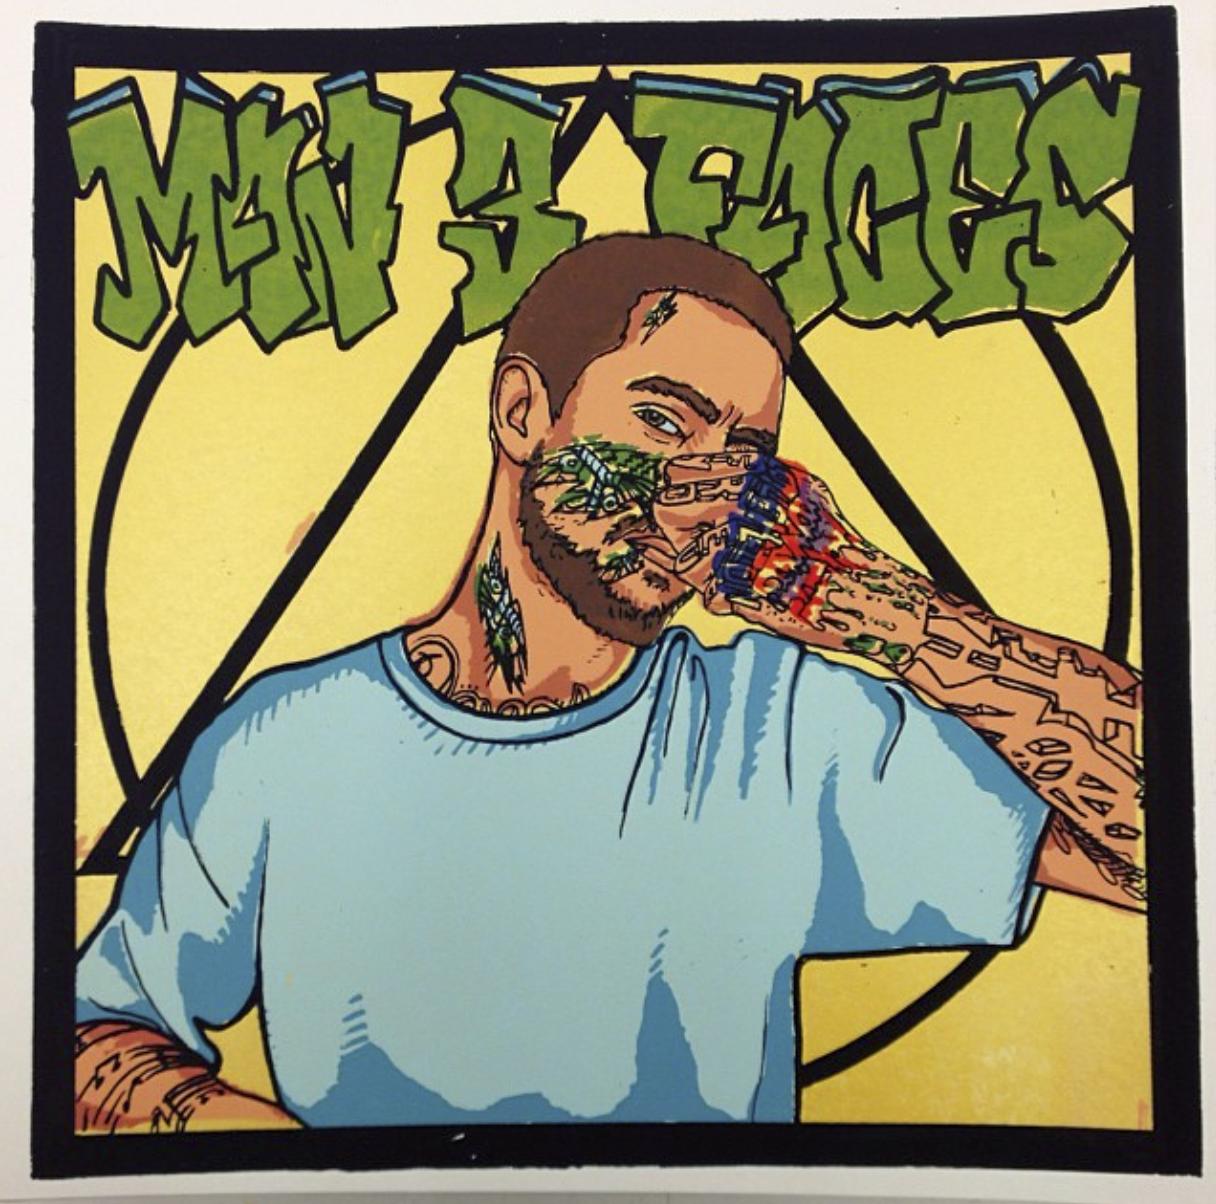 MAN 3 FACES Album Cover, 1 of 50, 2013